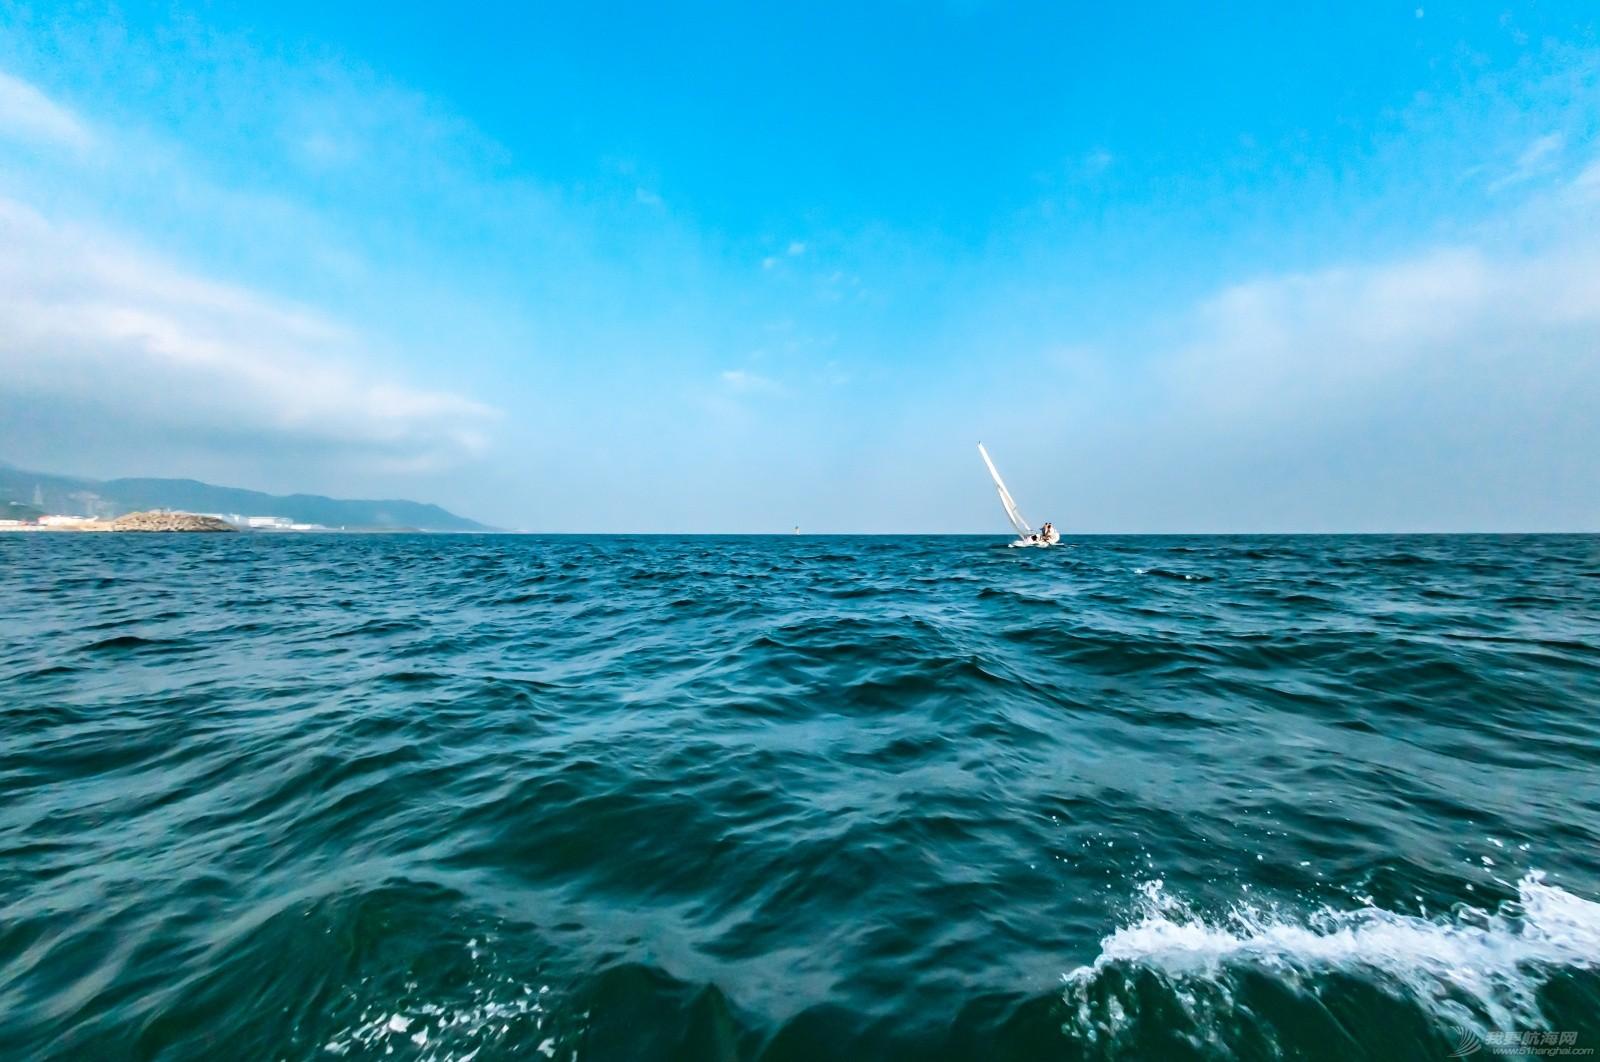 帆船 【2015大鹏杯帆船赛】鱼眼看航海 16027.jpg